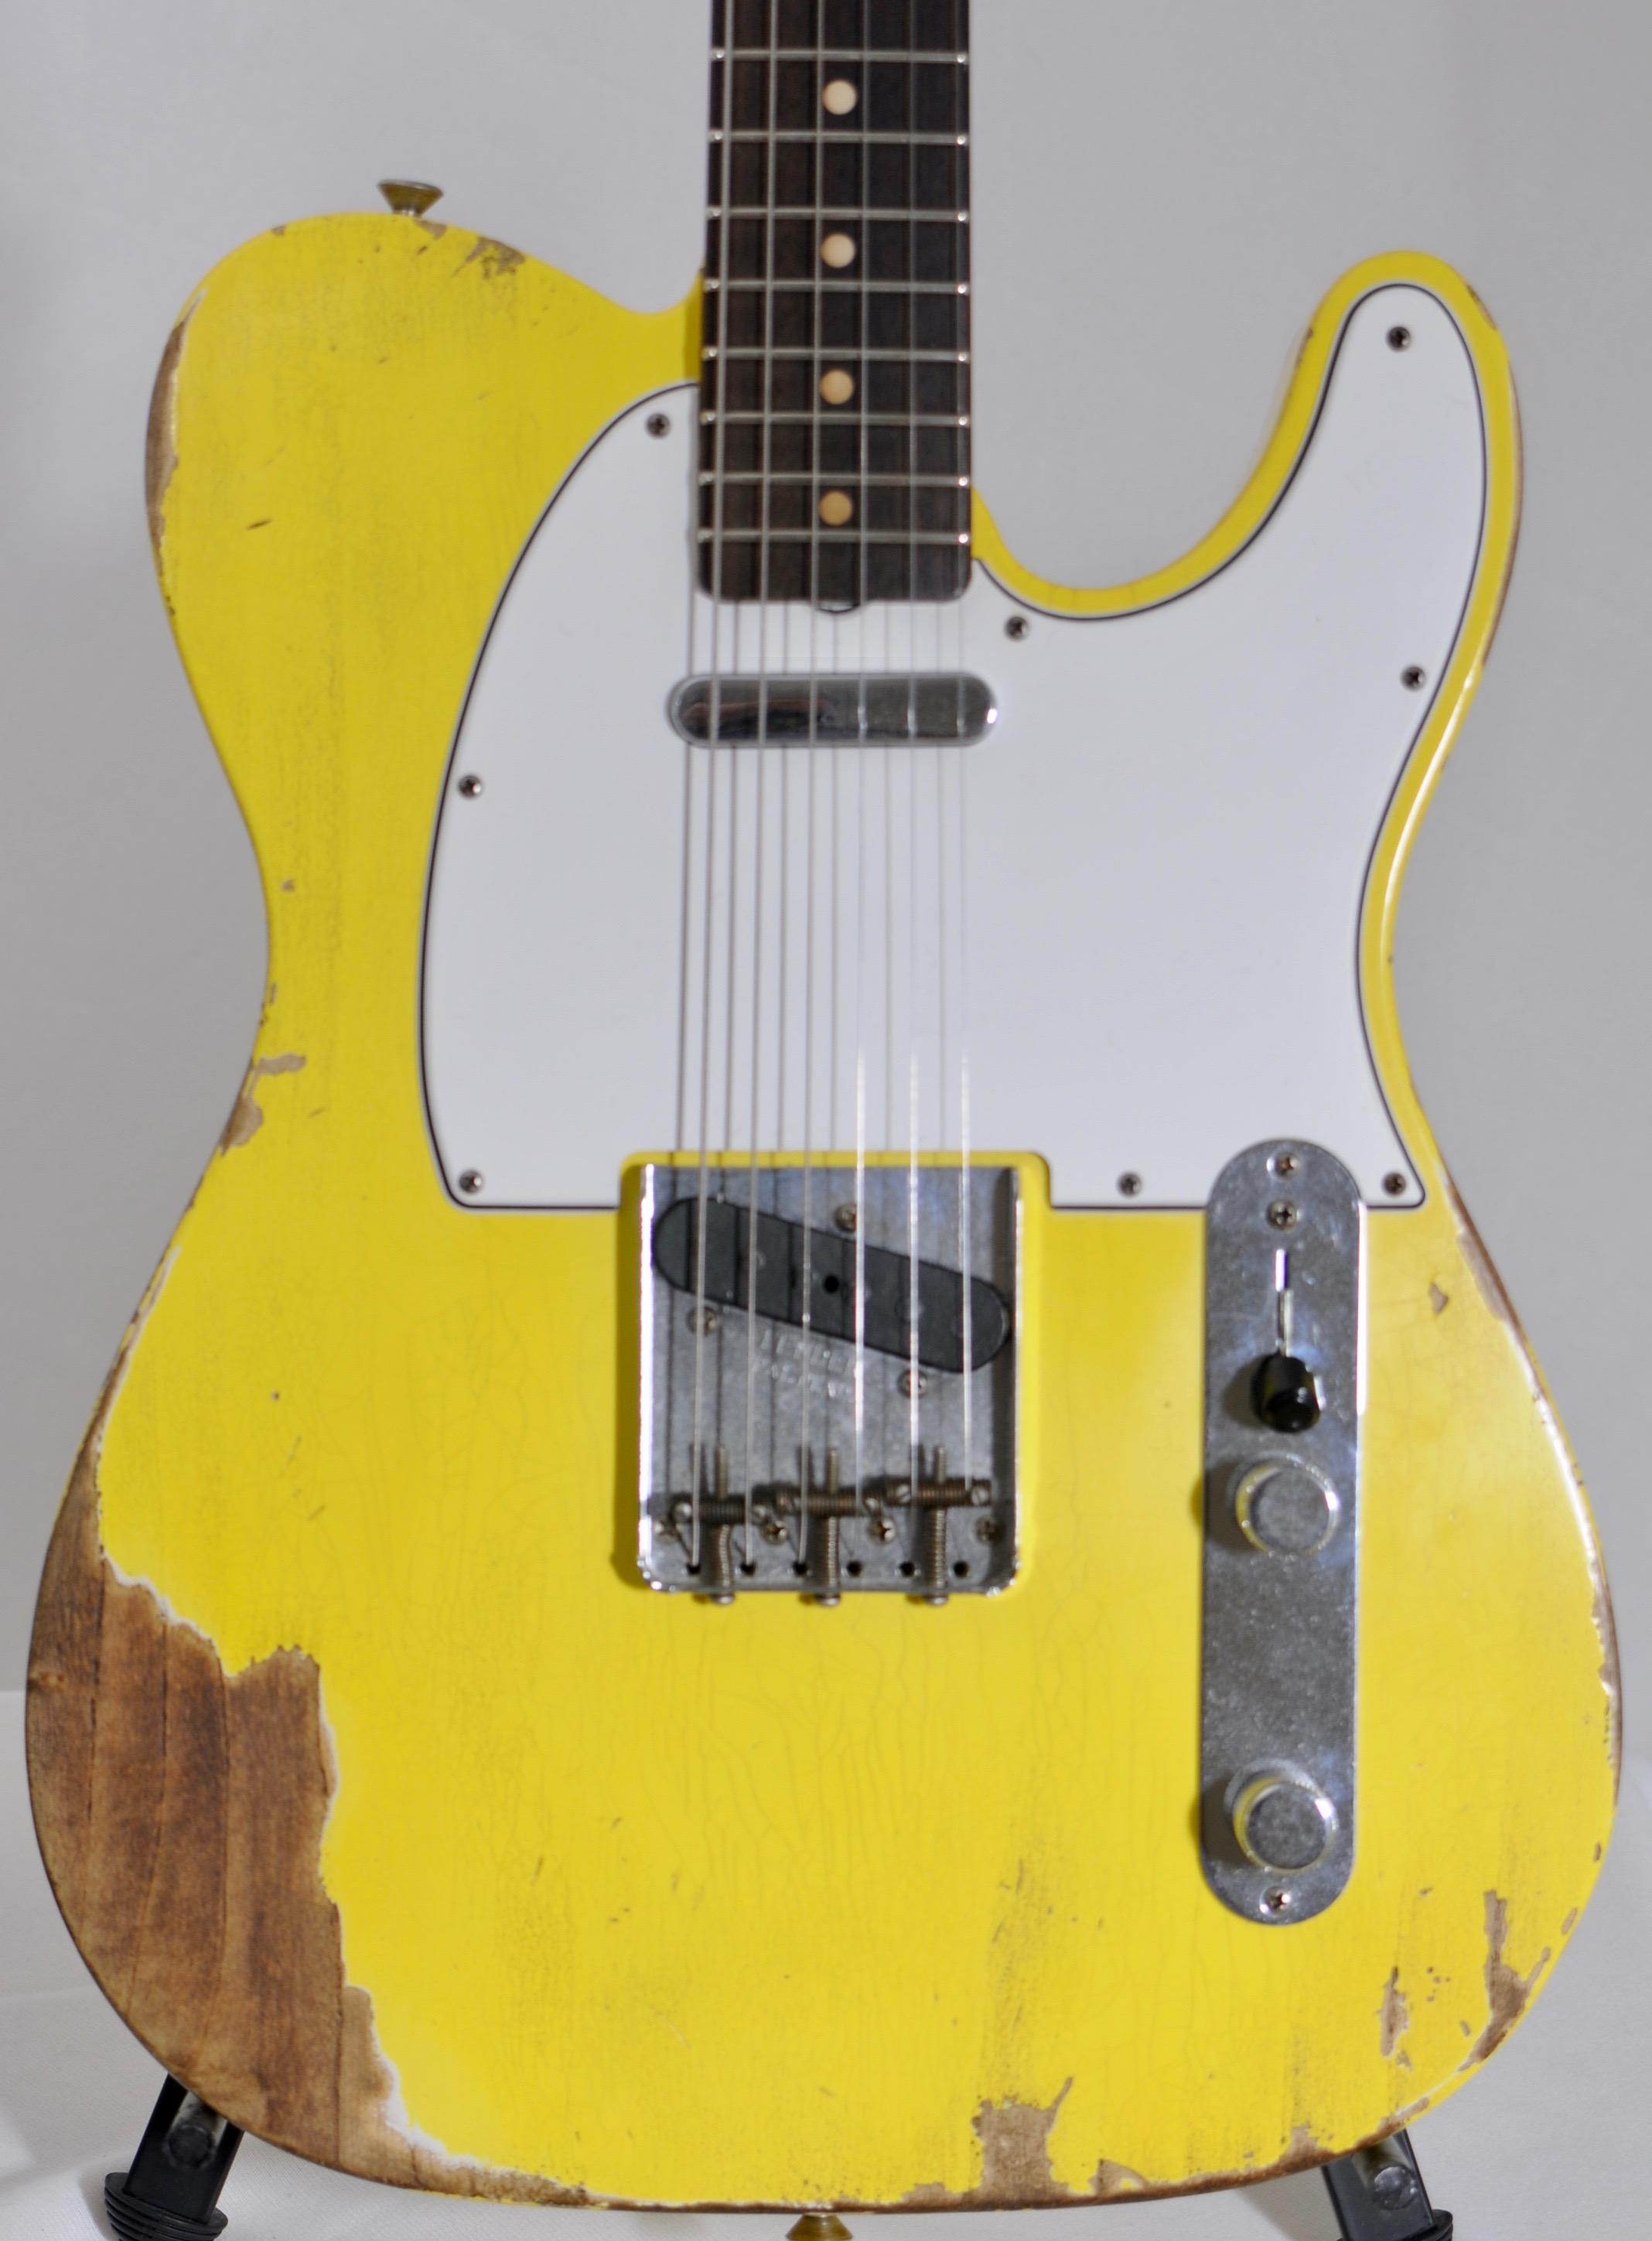 2018 Fender Custom Shop Wildwood 10 1959 Tele